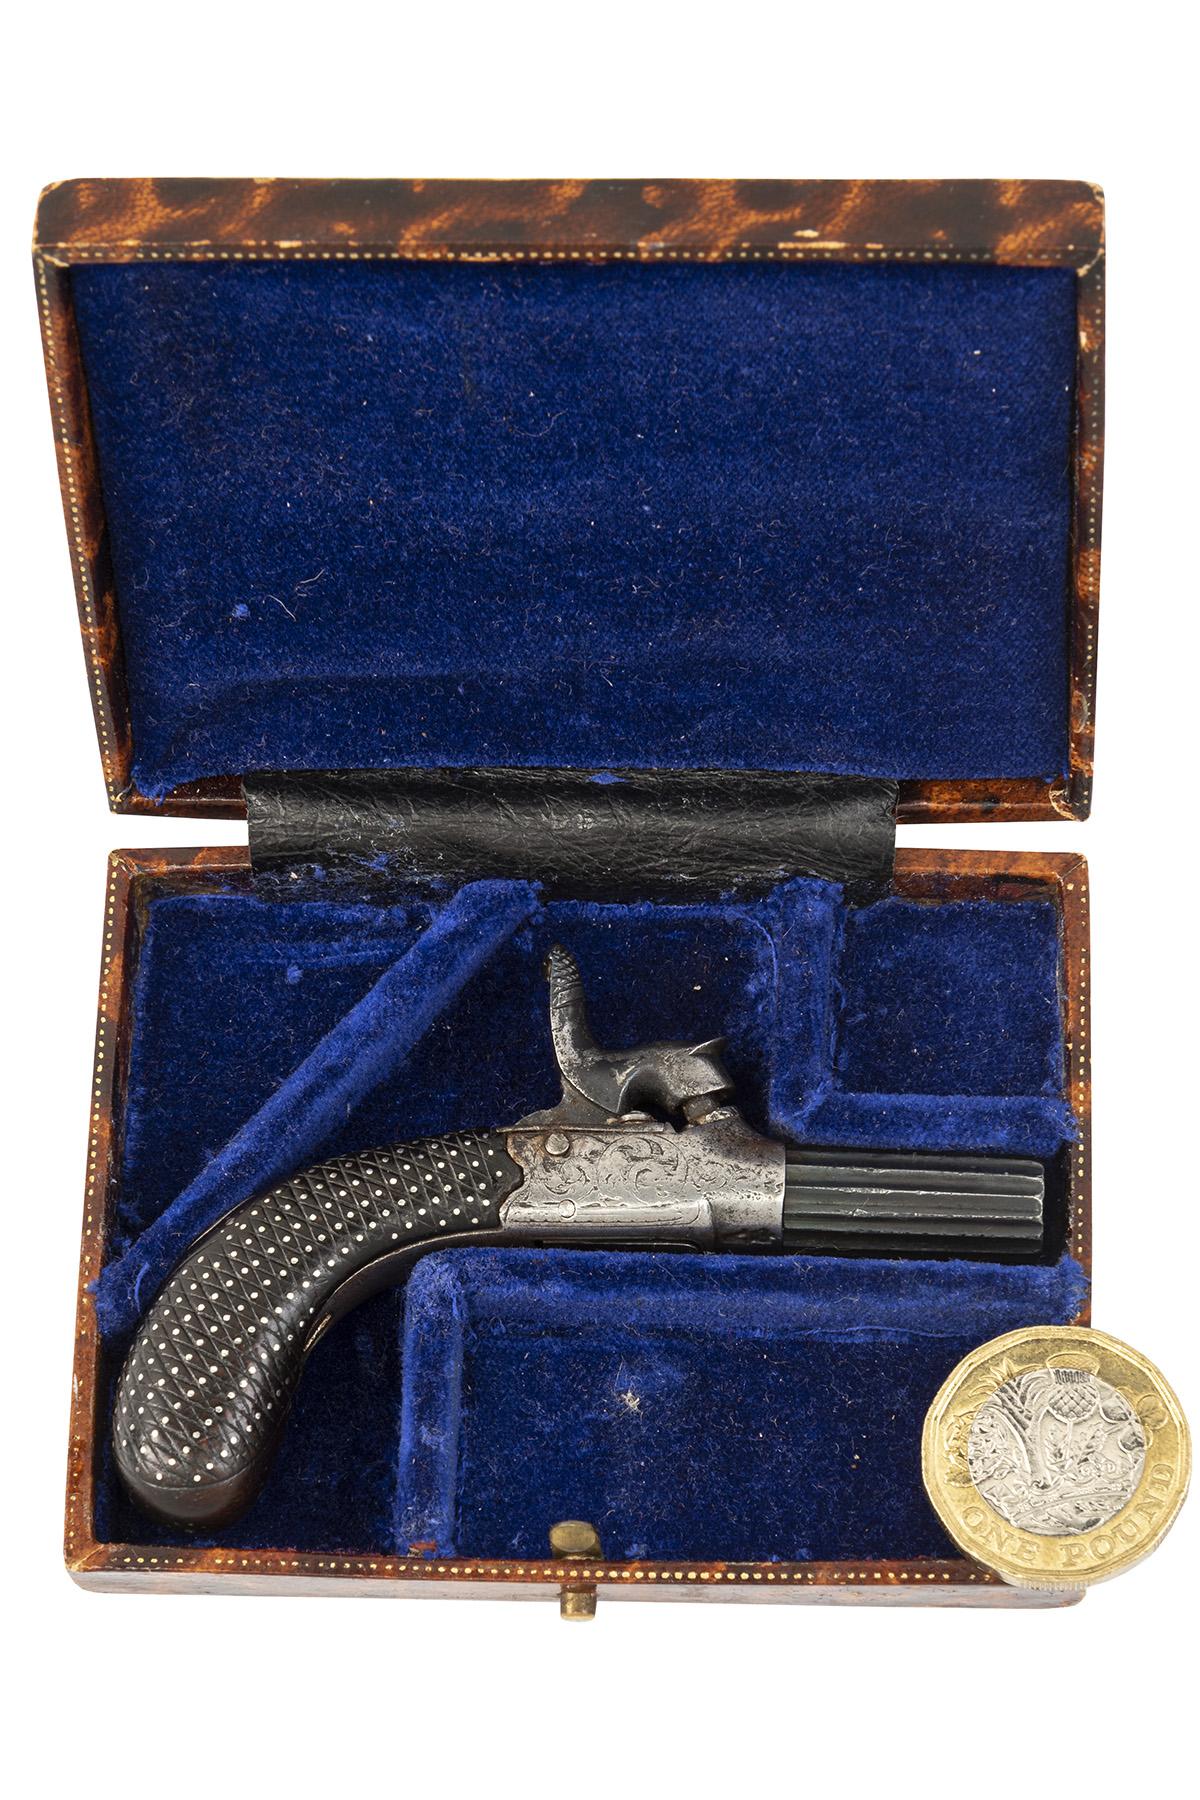 WITTON DAW & CO., LONDON A CASED 320-BORE PERCUSSION MINIATURE MUFF-PISTOL, no visible serial